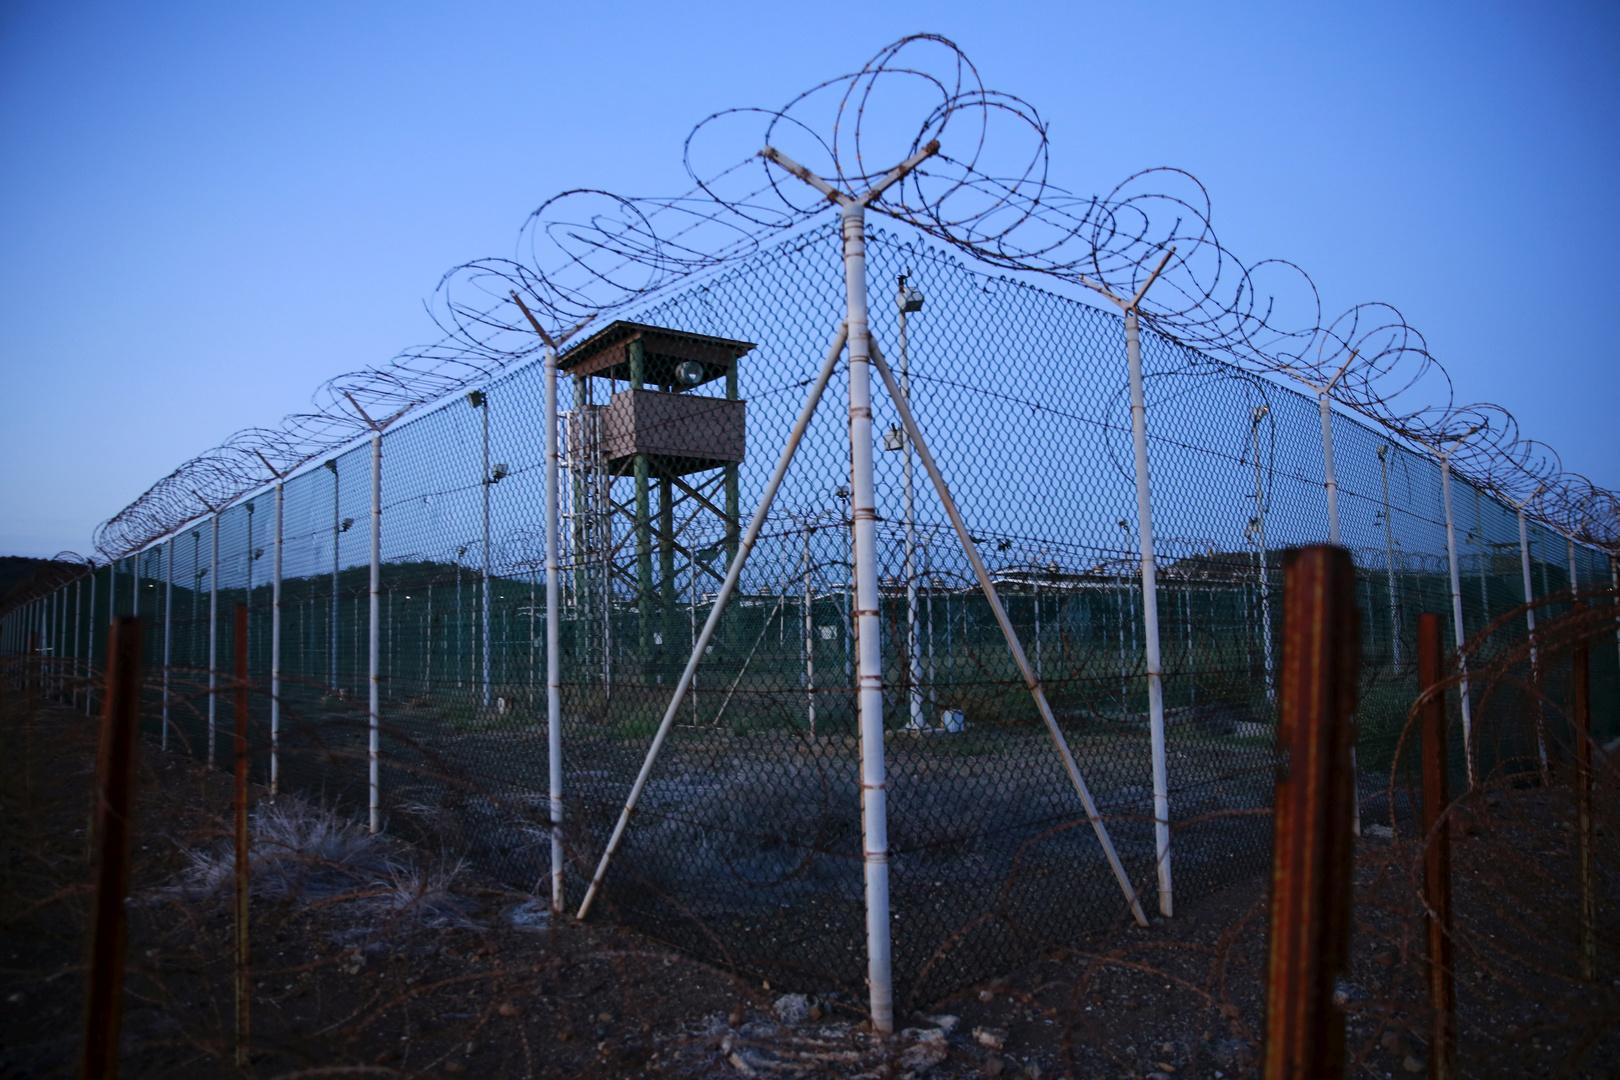 الجيش الأمريكي يغلق منشأة سرية في معتقل غوانتانامو